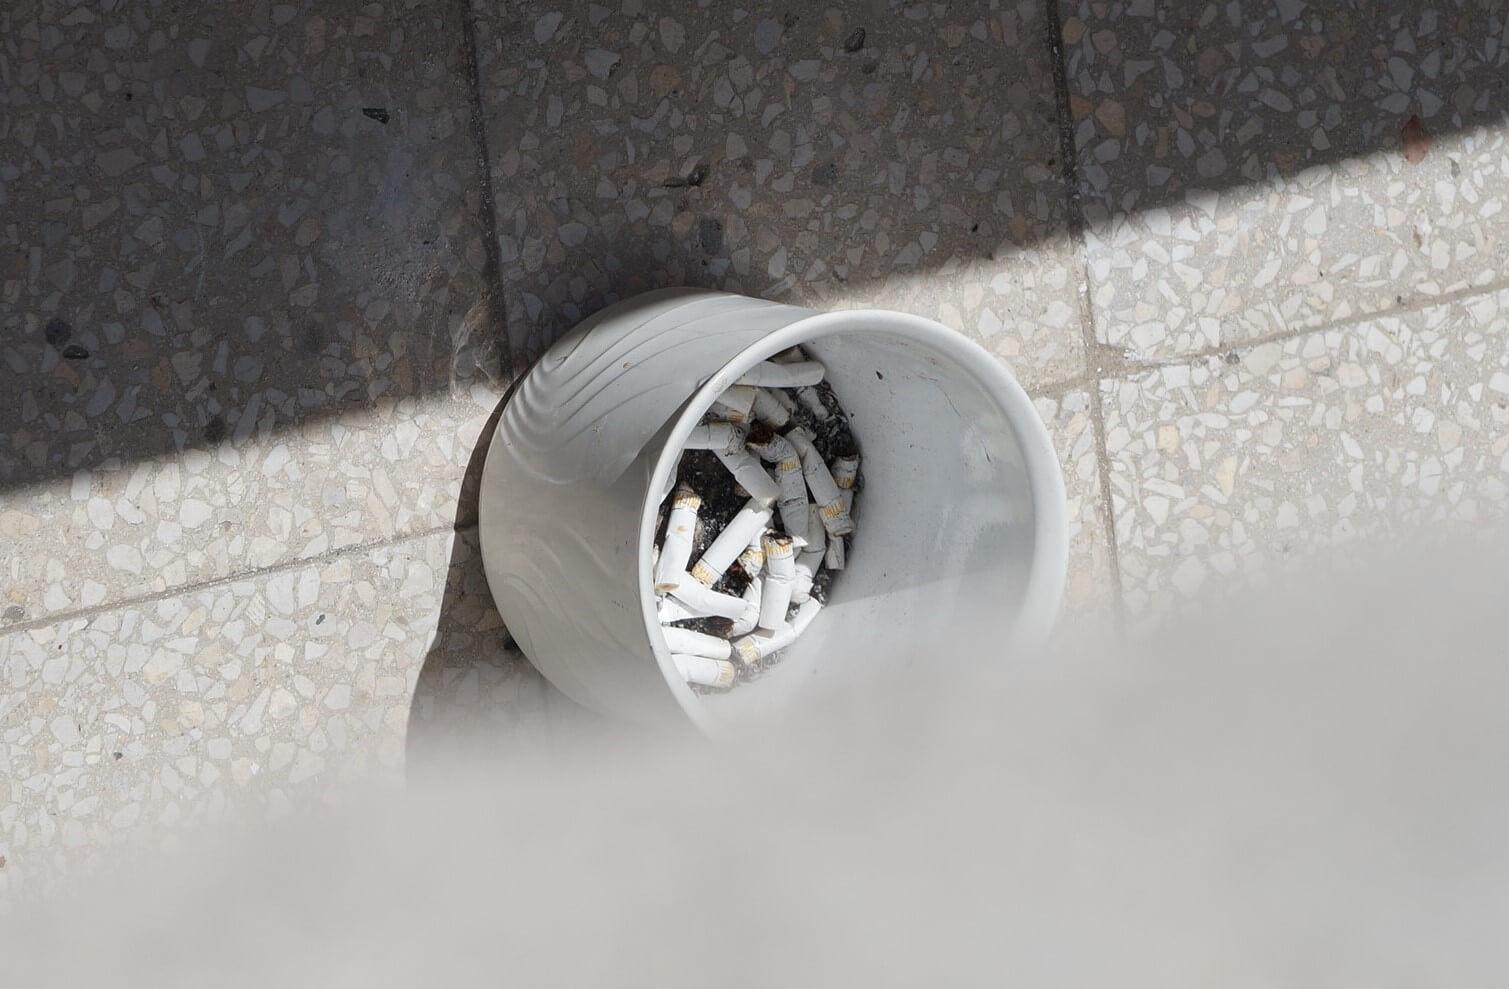 Legyenek dohánymentes lakóparkok, társasházak, kerületek